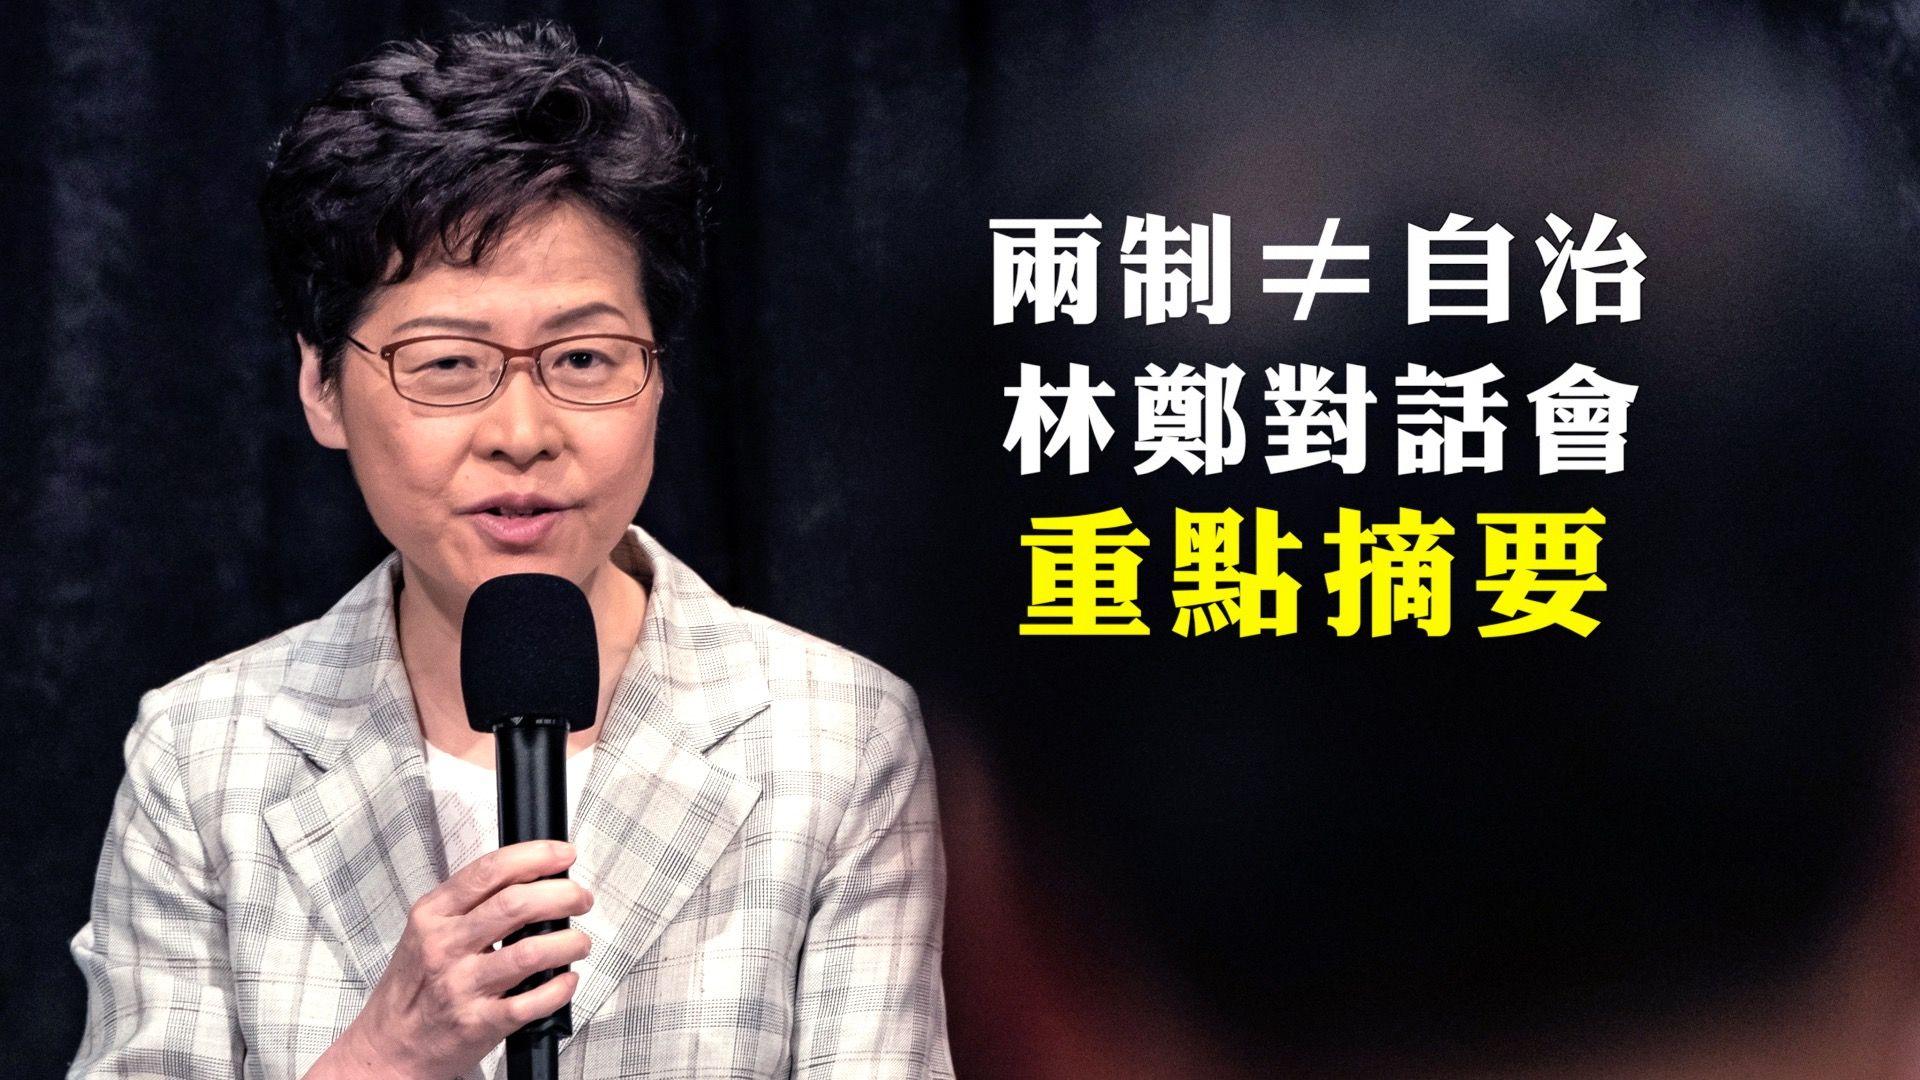 香港特首林鄭月娥在社區對話會現場答問。(大紀元合成圖)